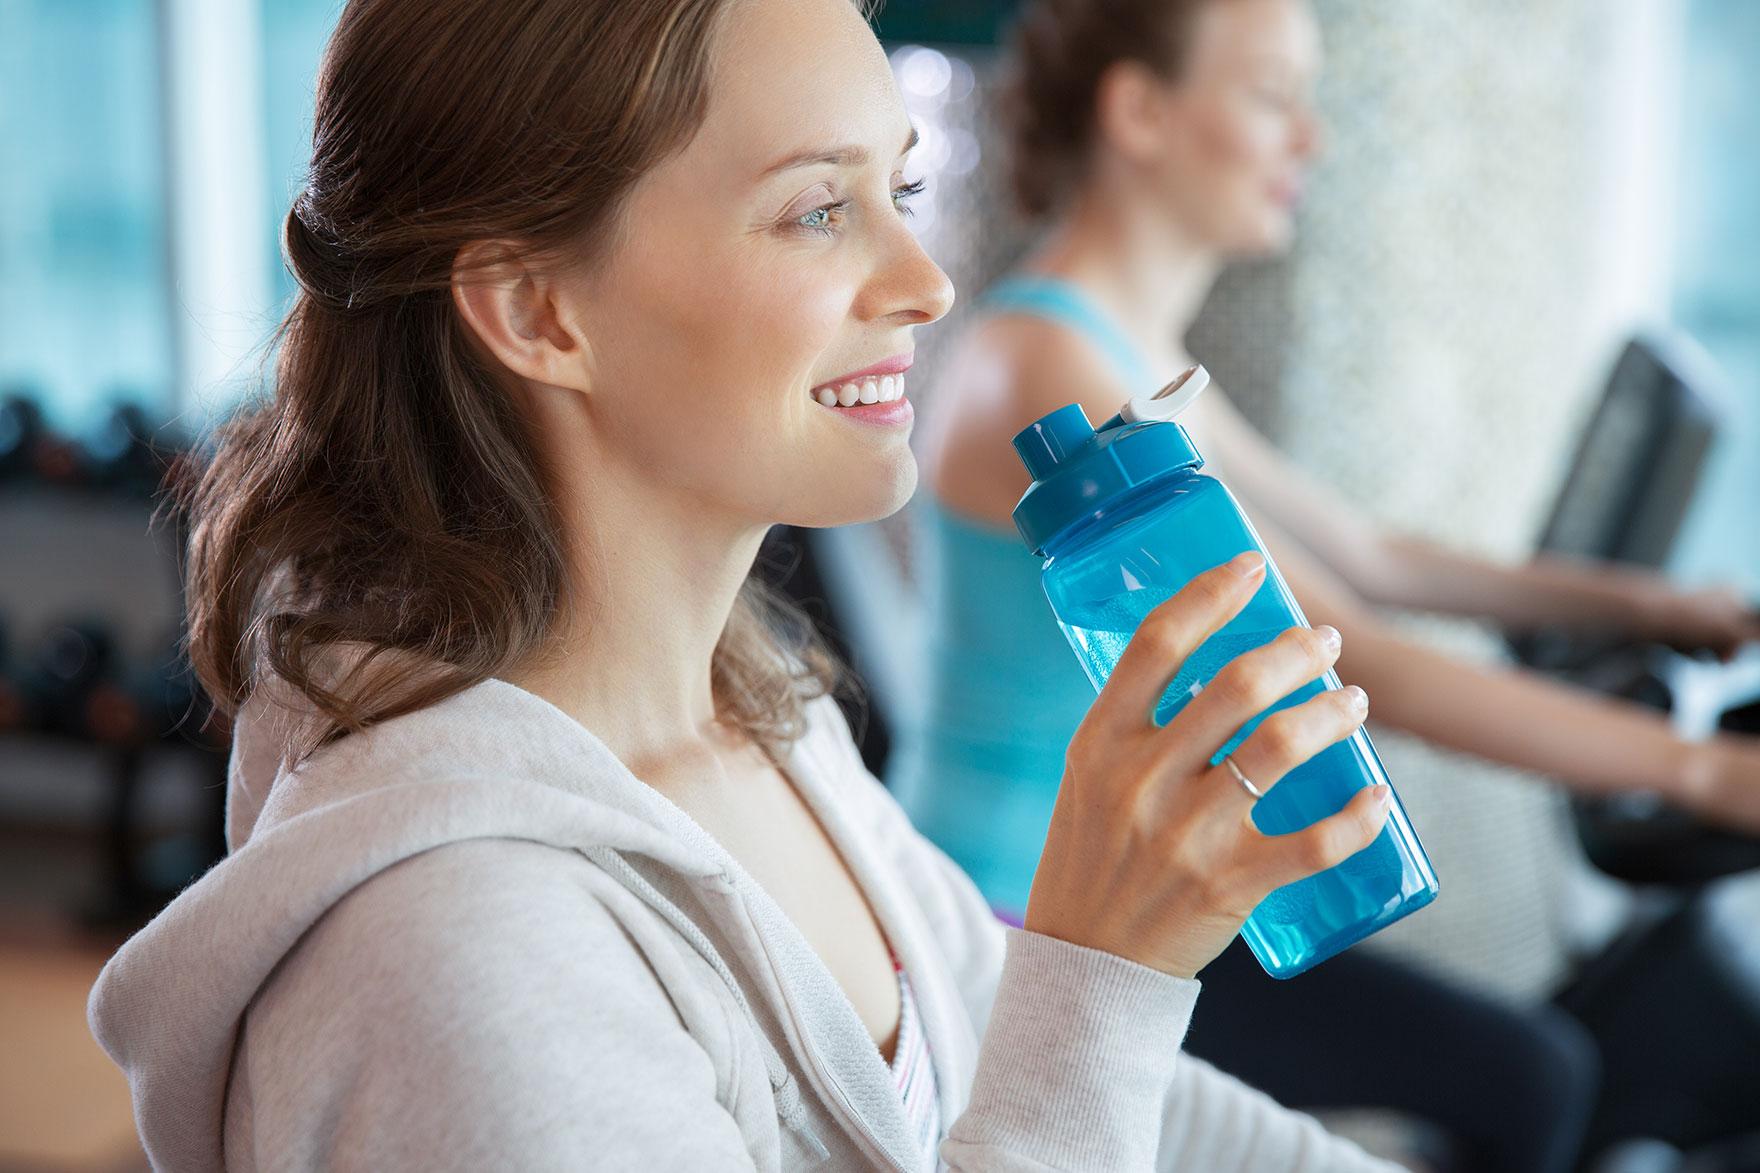 Можно ли пить воду во время тренировки, перед и сколько нужно?